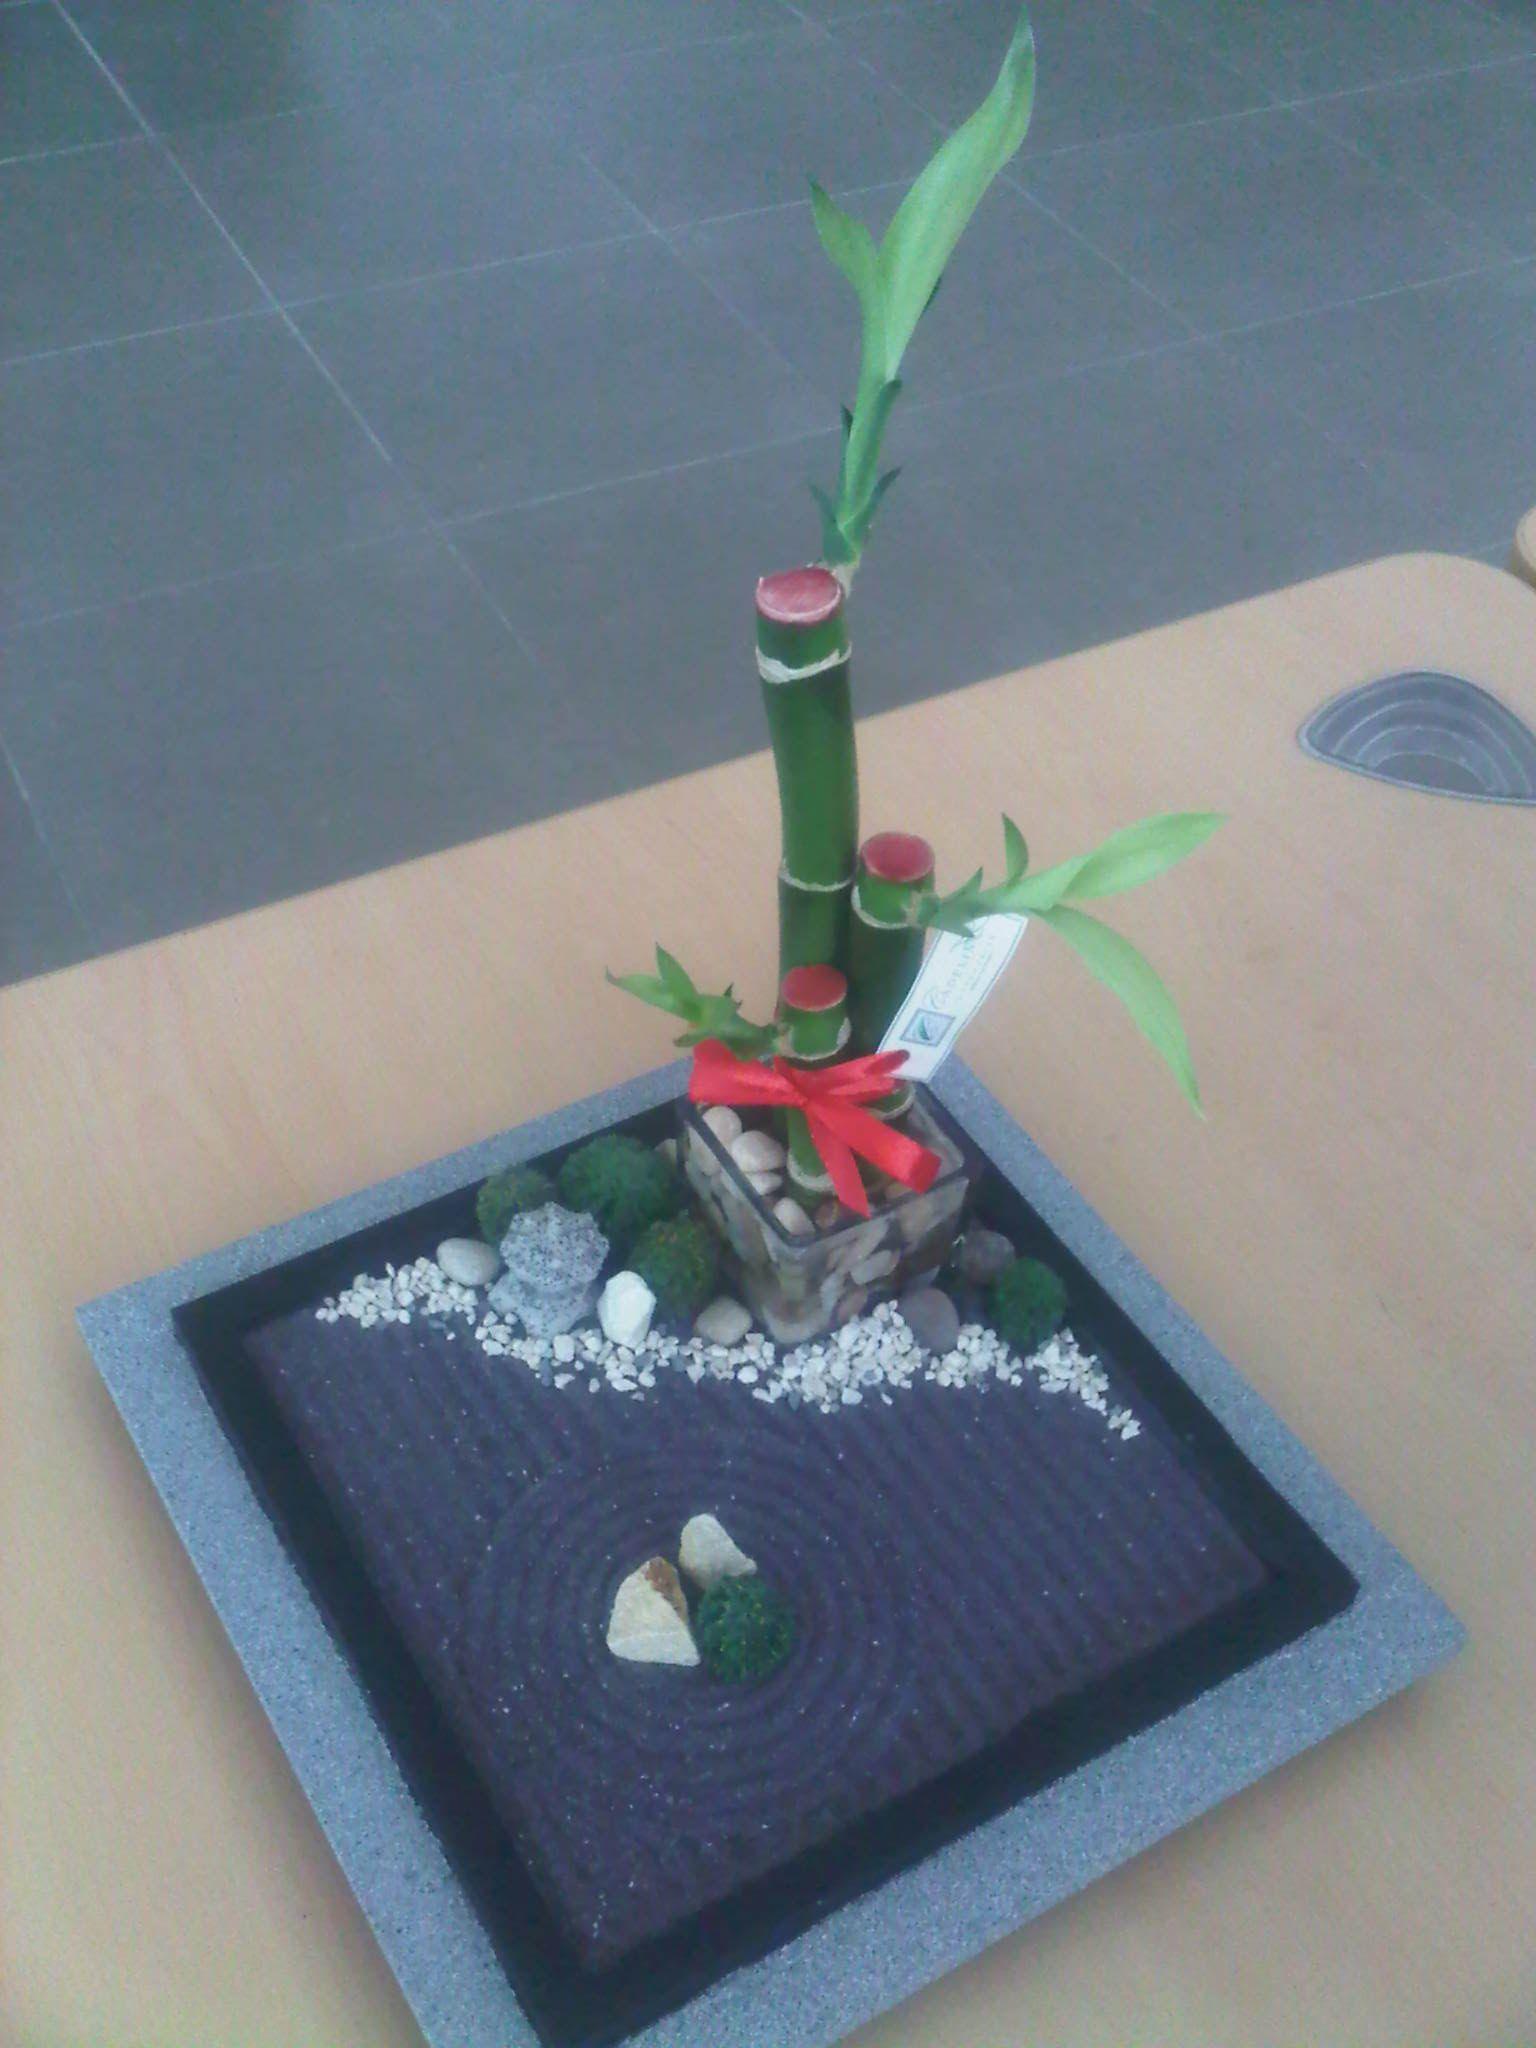 Miniature Zen Garden With Lucky Bamboo By Wallzart Mit Bildern